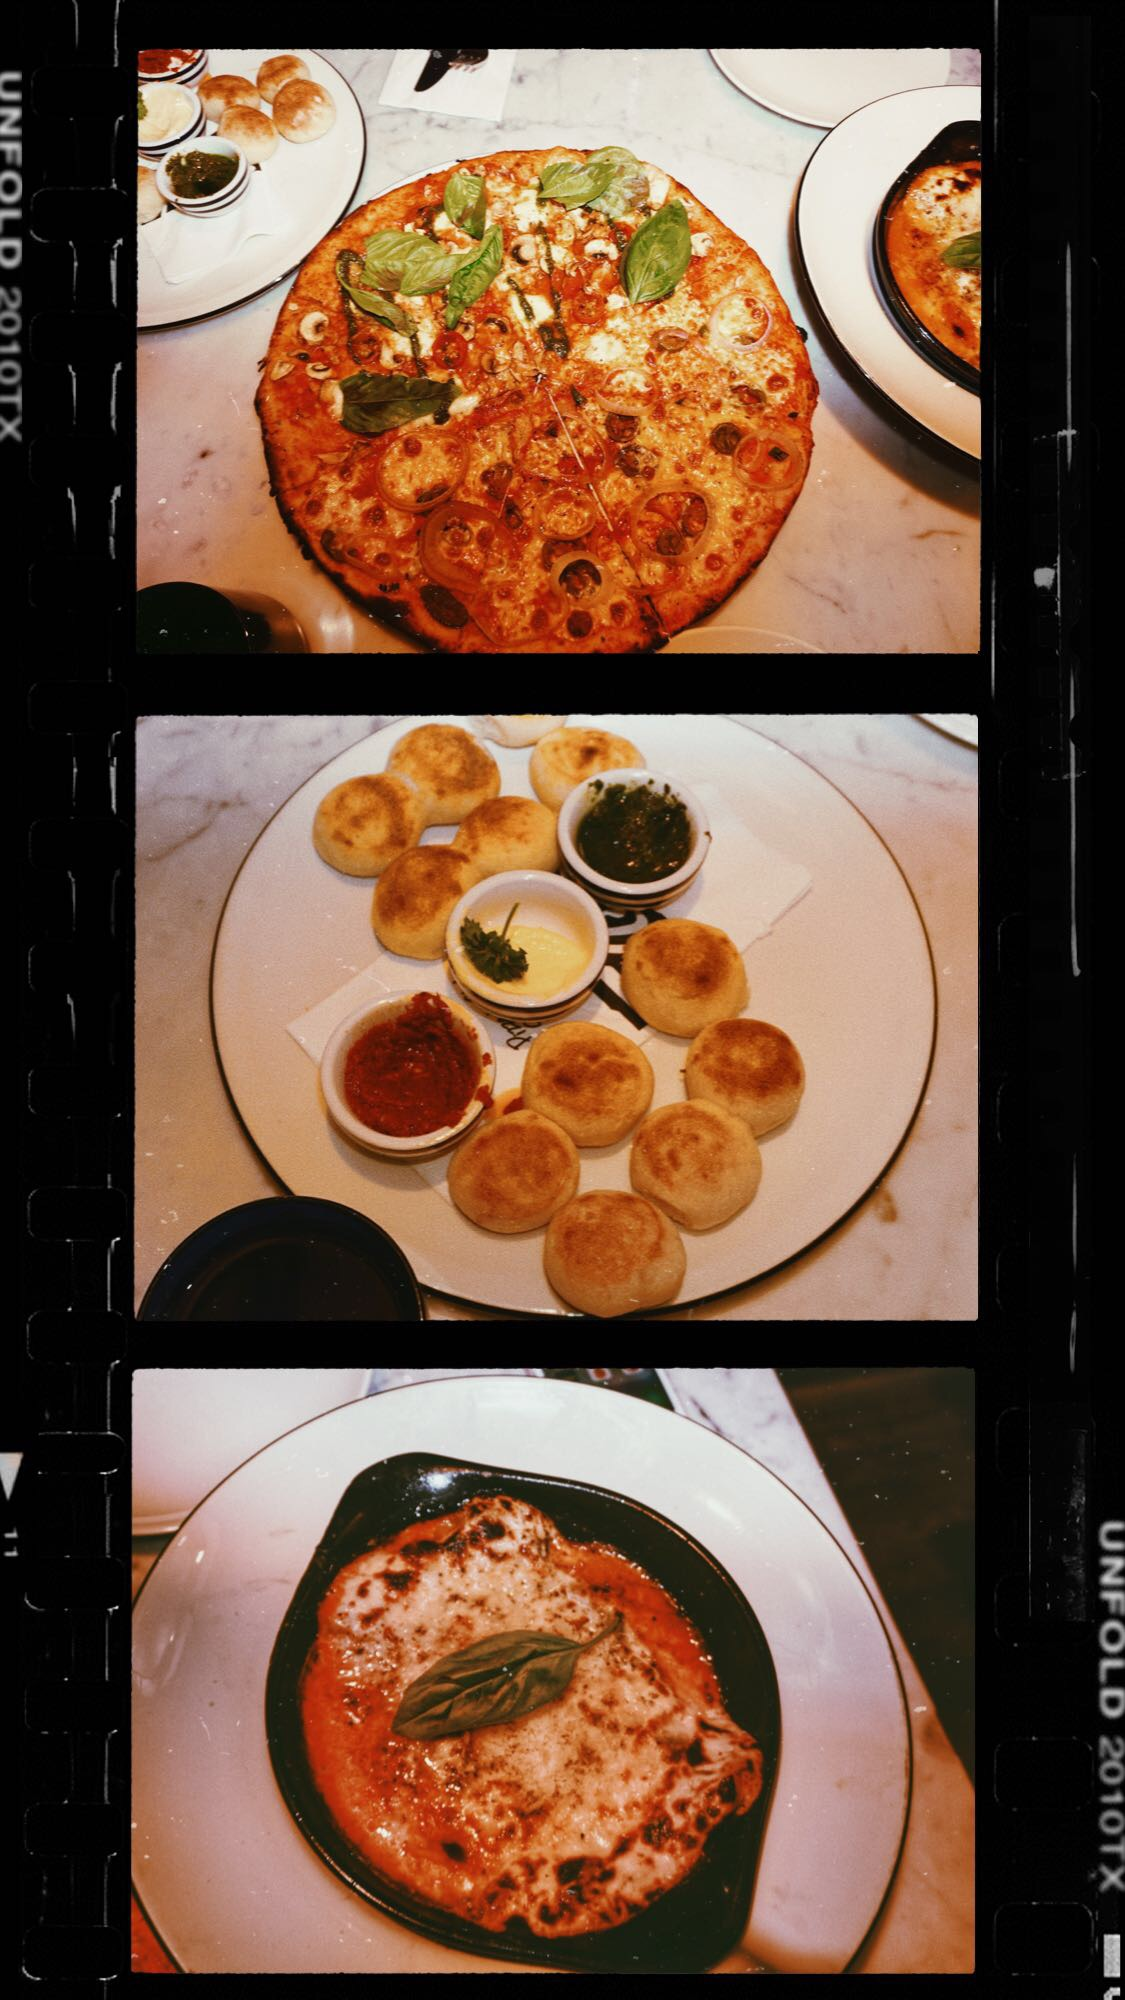 Turning 24 - Food scenes